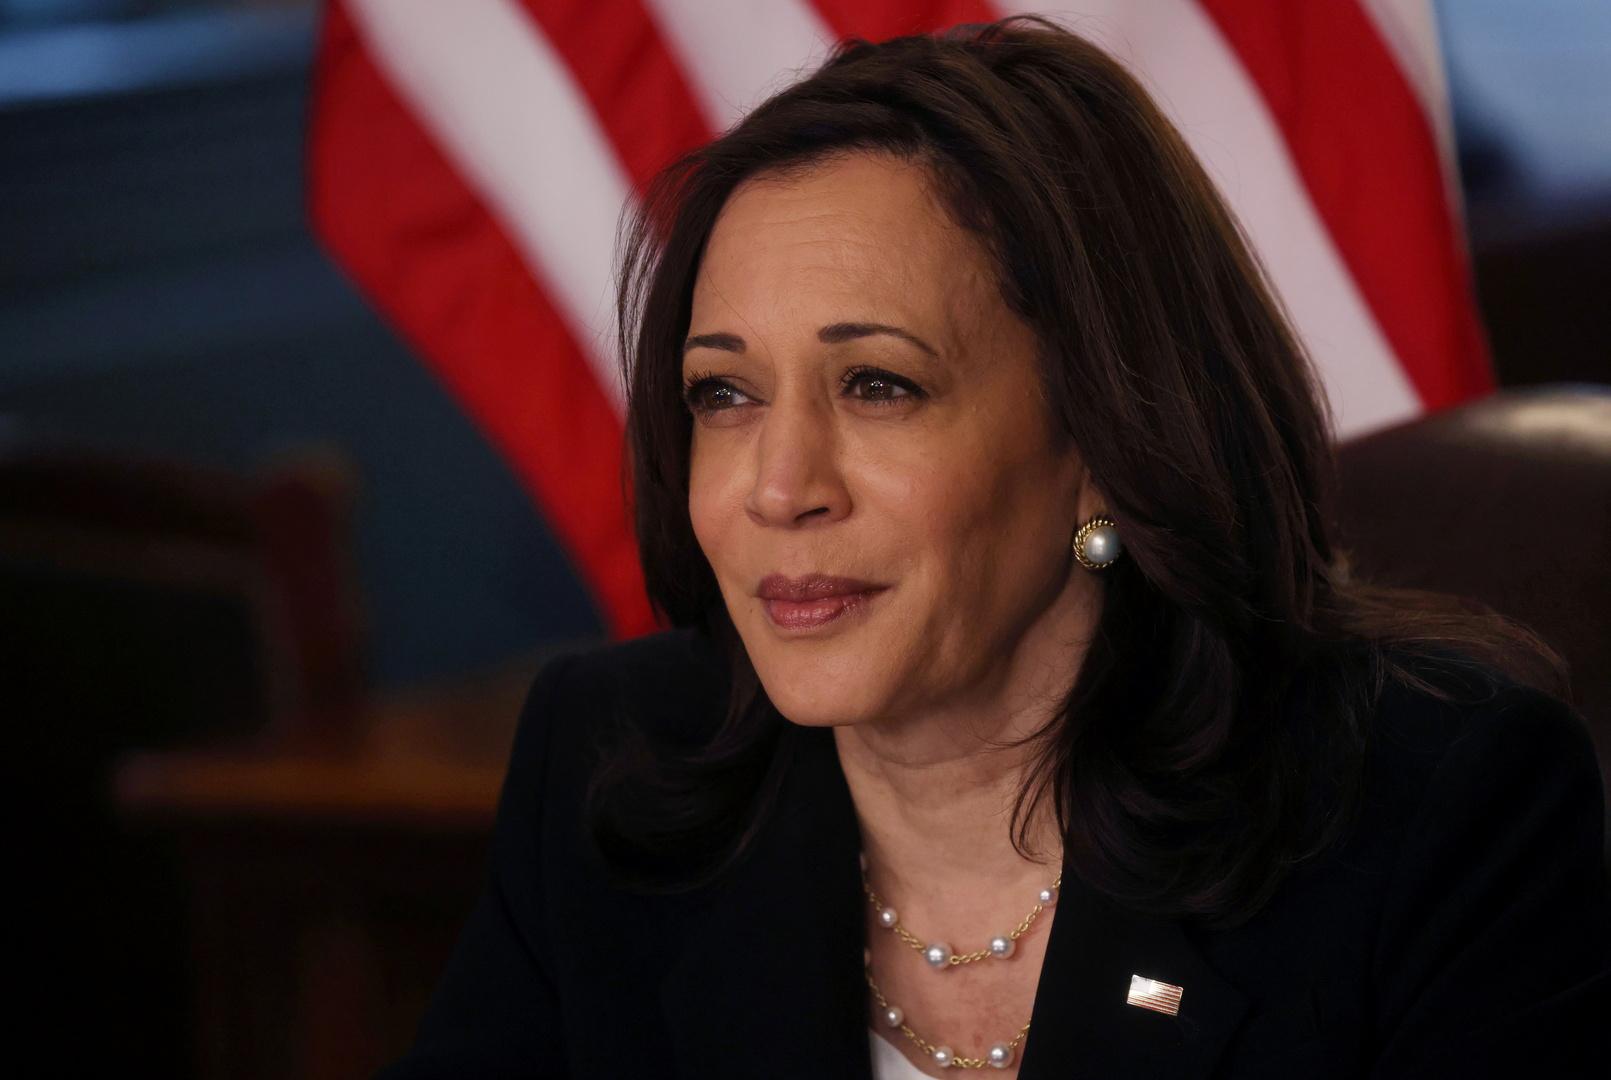 نائبة الرئيس الأمريكي تتصل بالرئيس التونسي